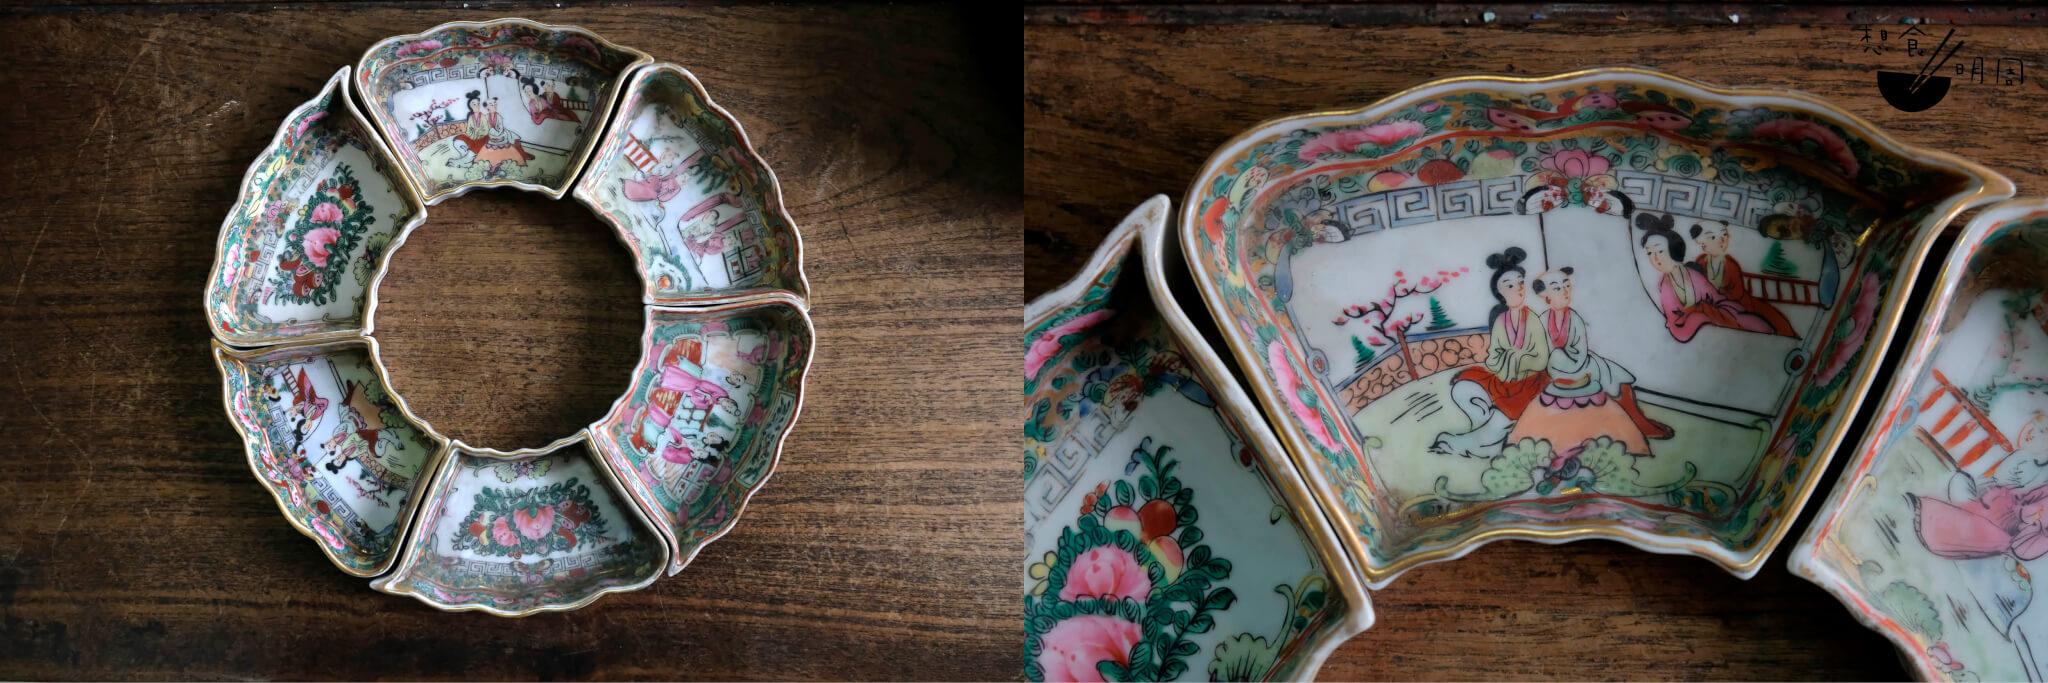 陳舊的七子圍碟,即便是中間的圓碟已缺、其餘組件難以出售,但正因是廠內出品,曹志雄都不捨得丟棄。